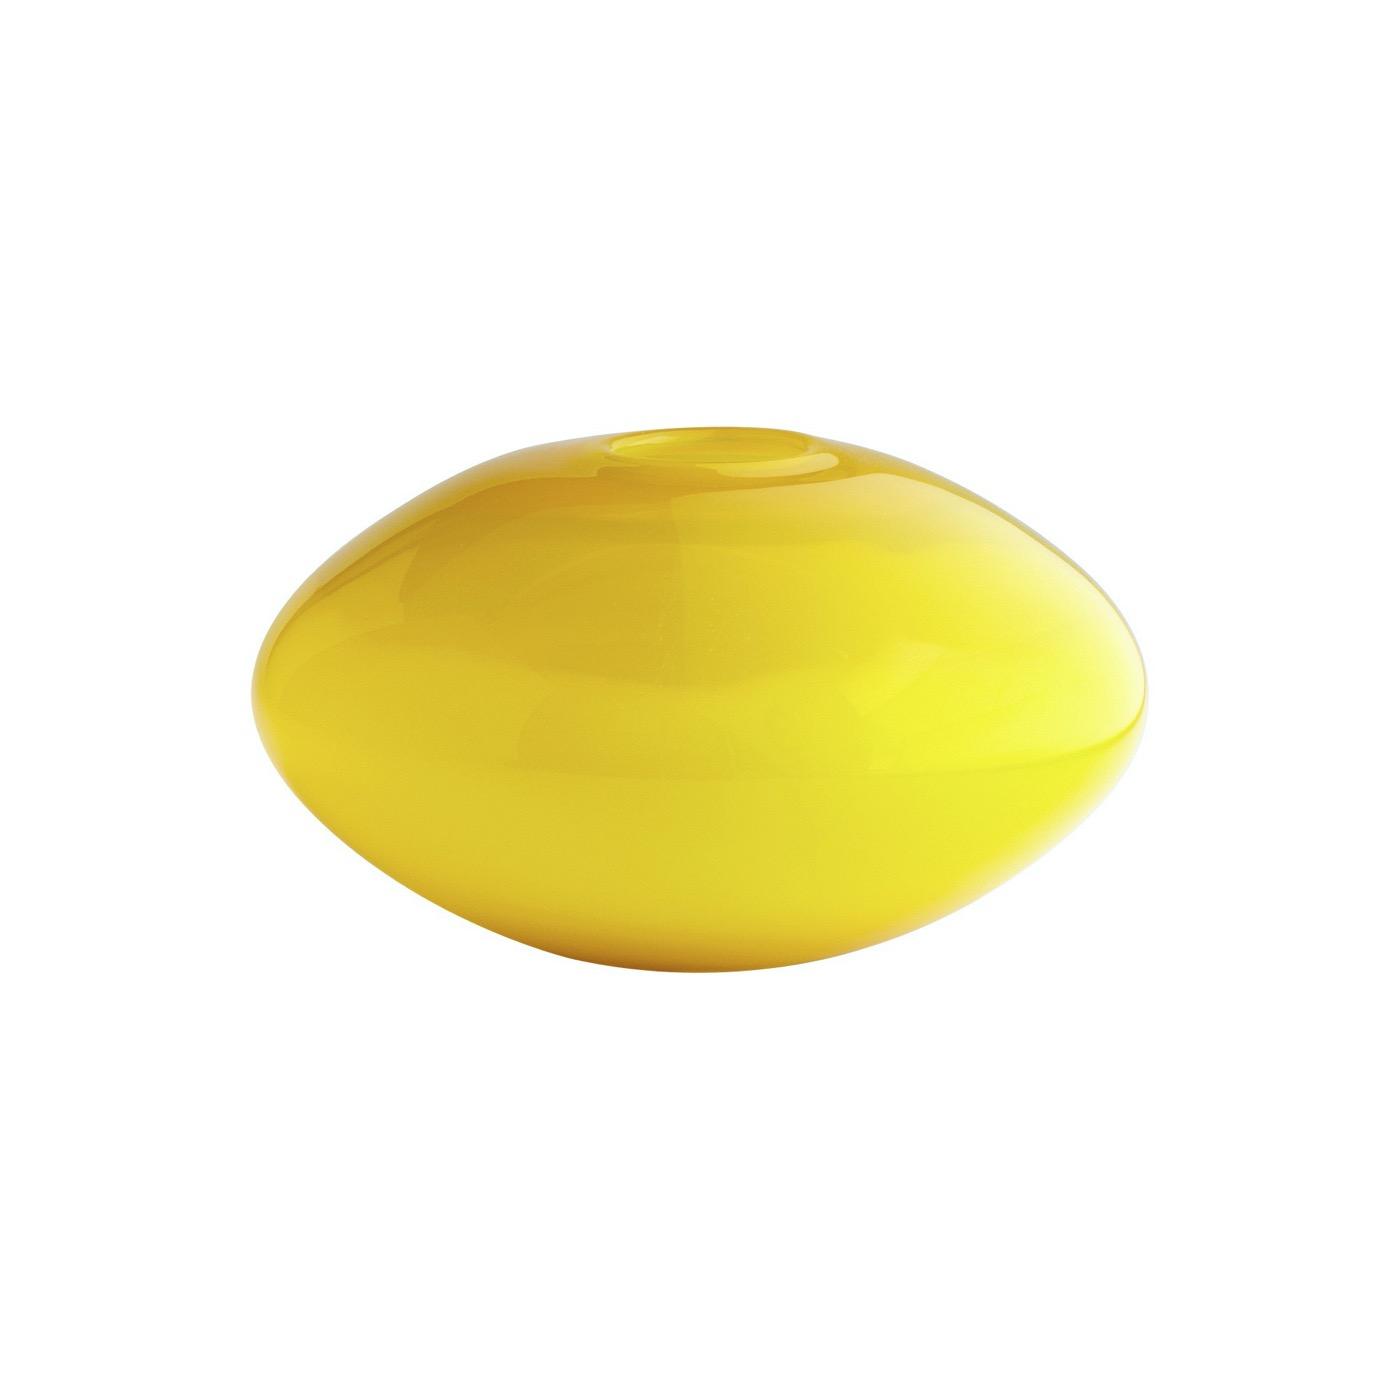 Genie Yellow Glass Vases